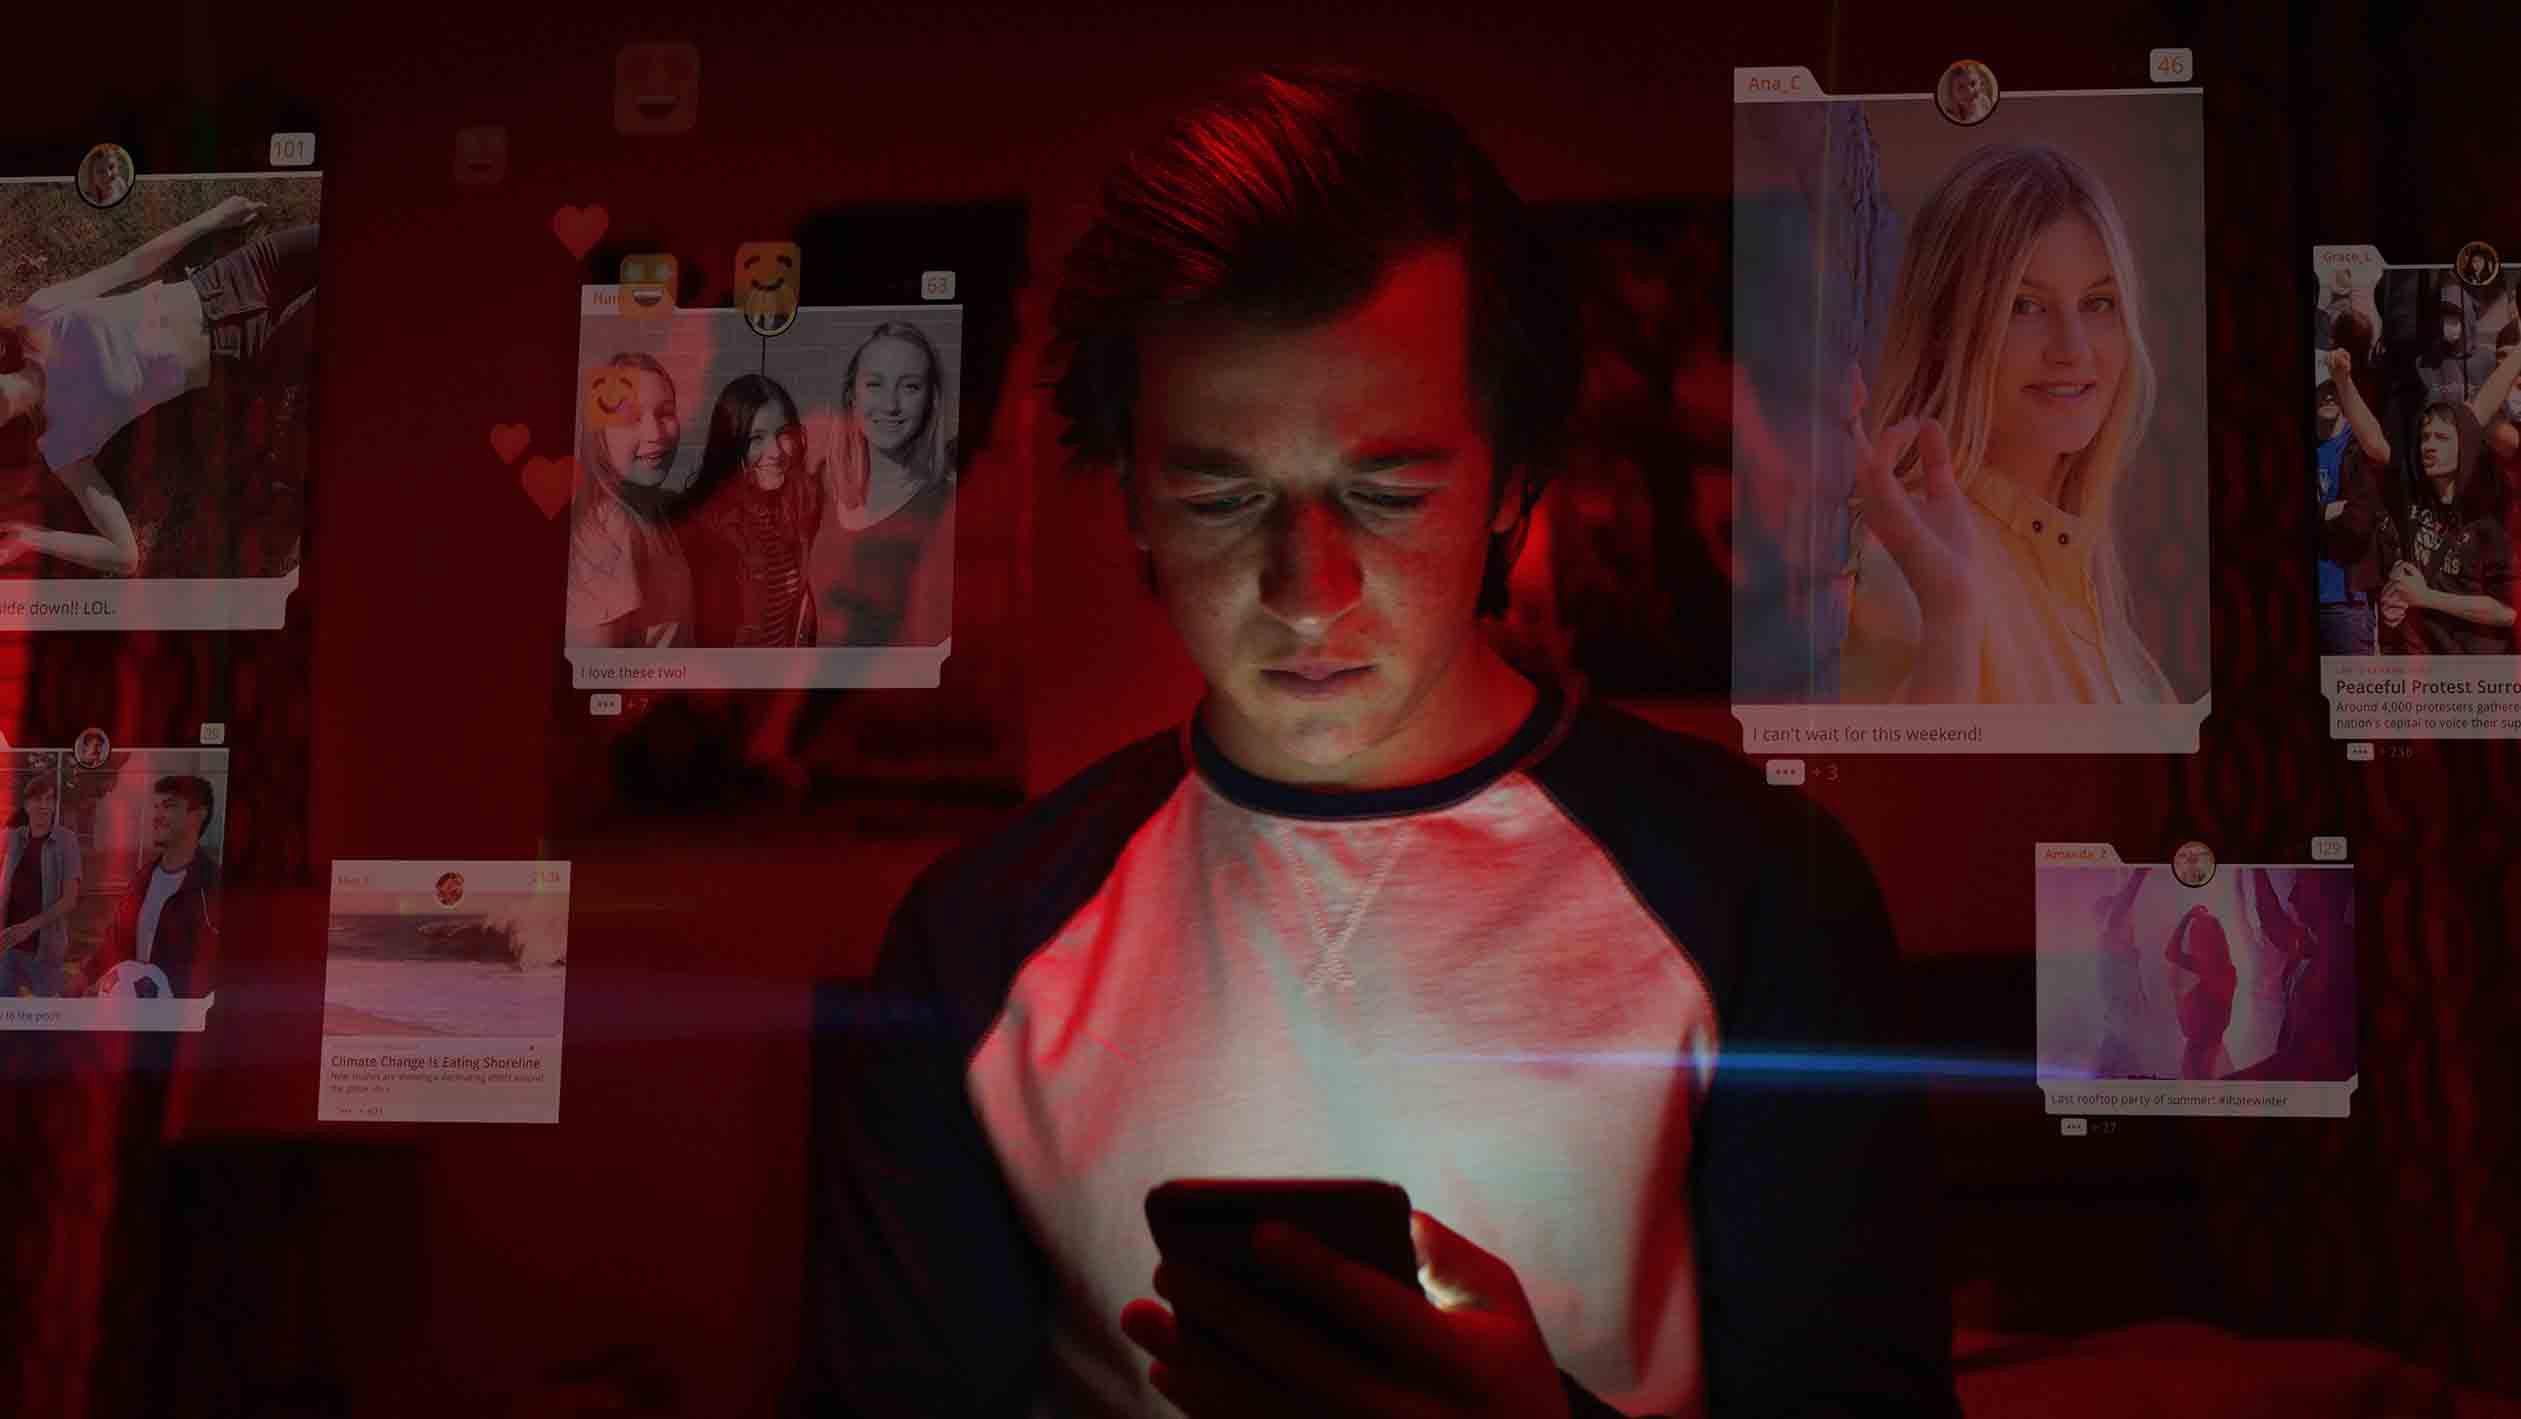 Dois Novos Documentários Abordam Problemas Sociais Da Tecnologia